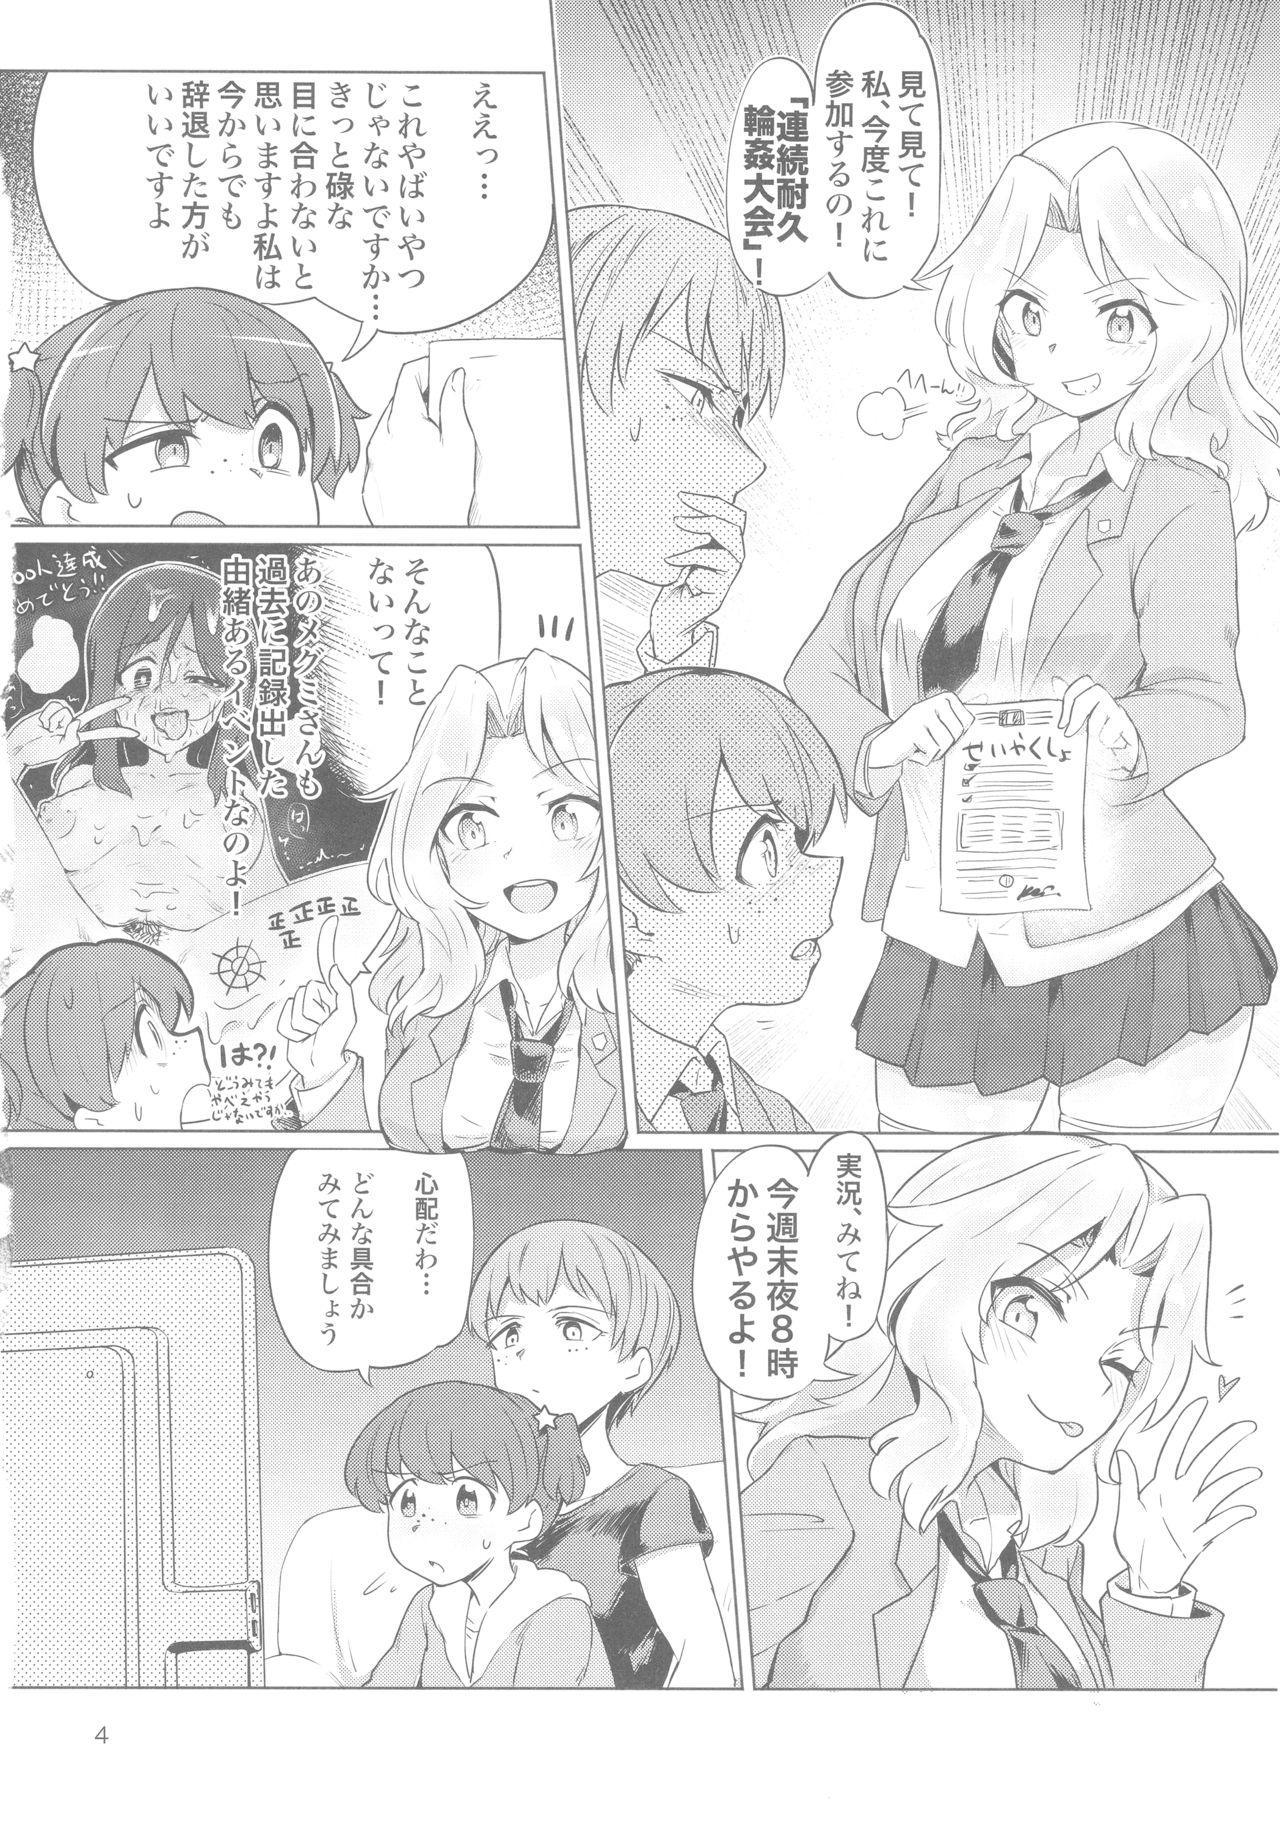 (C93) [Yakitate Jamaica (Aomushi)] Renzoku Taikyuu 8-jikan: Okay-san ga 8-jikan Buttooshi de Taikyuu Ecchi Suru Hon (Girls und Panzer) 3